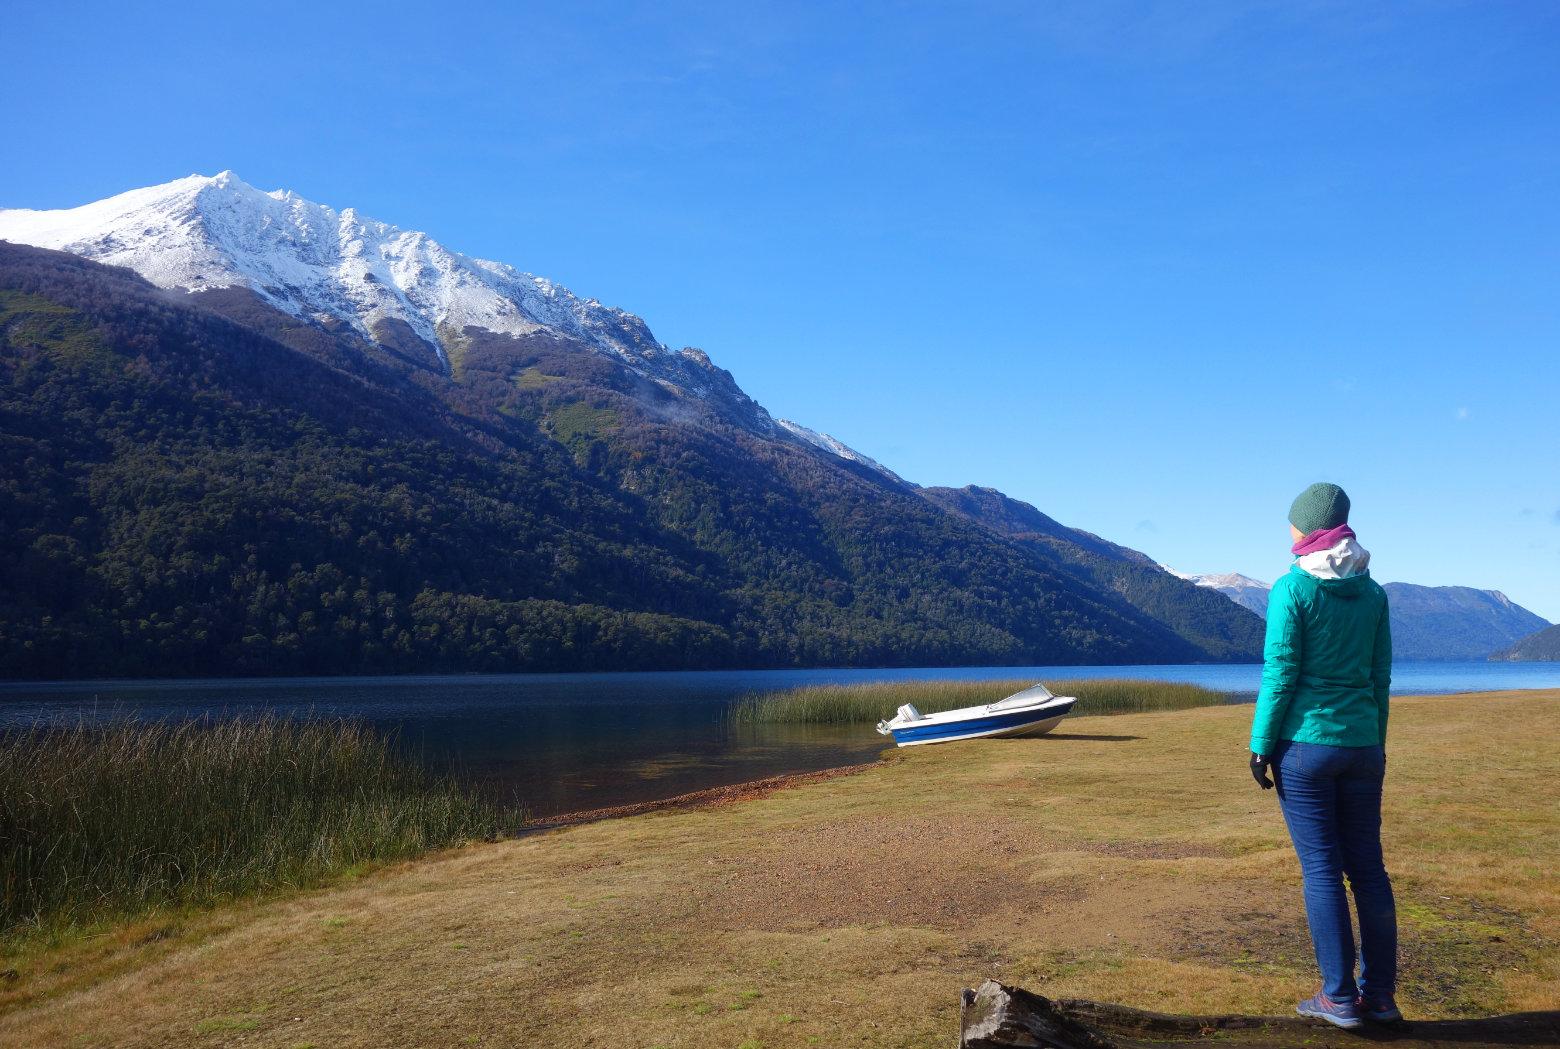 Argentinien Seengebiet Lago Traful mit Berg